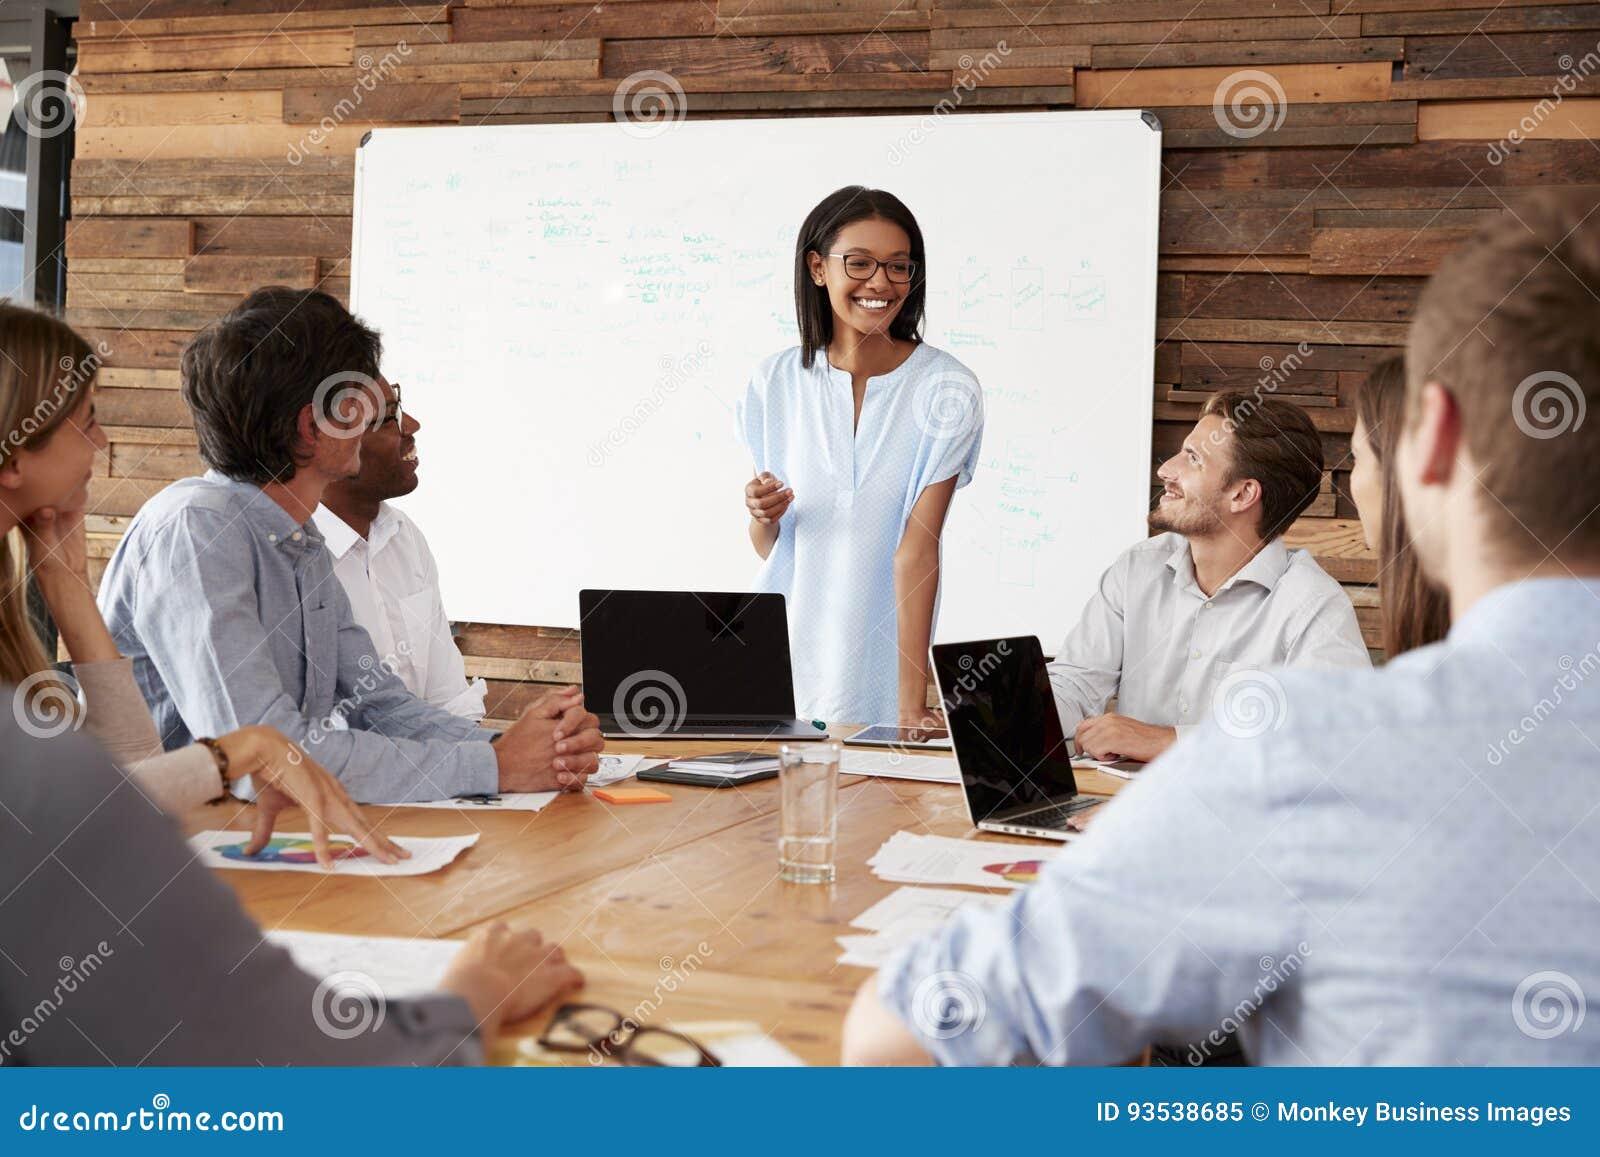 Junge schwarze Frau steht, sprechend zu Kollegen bei einer Sitzung